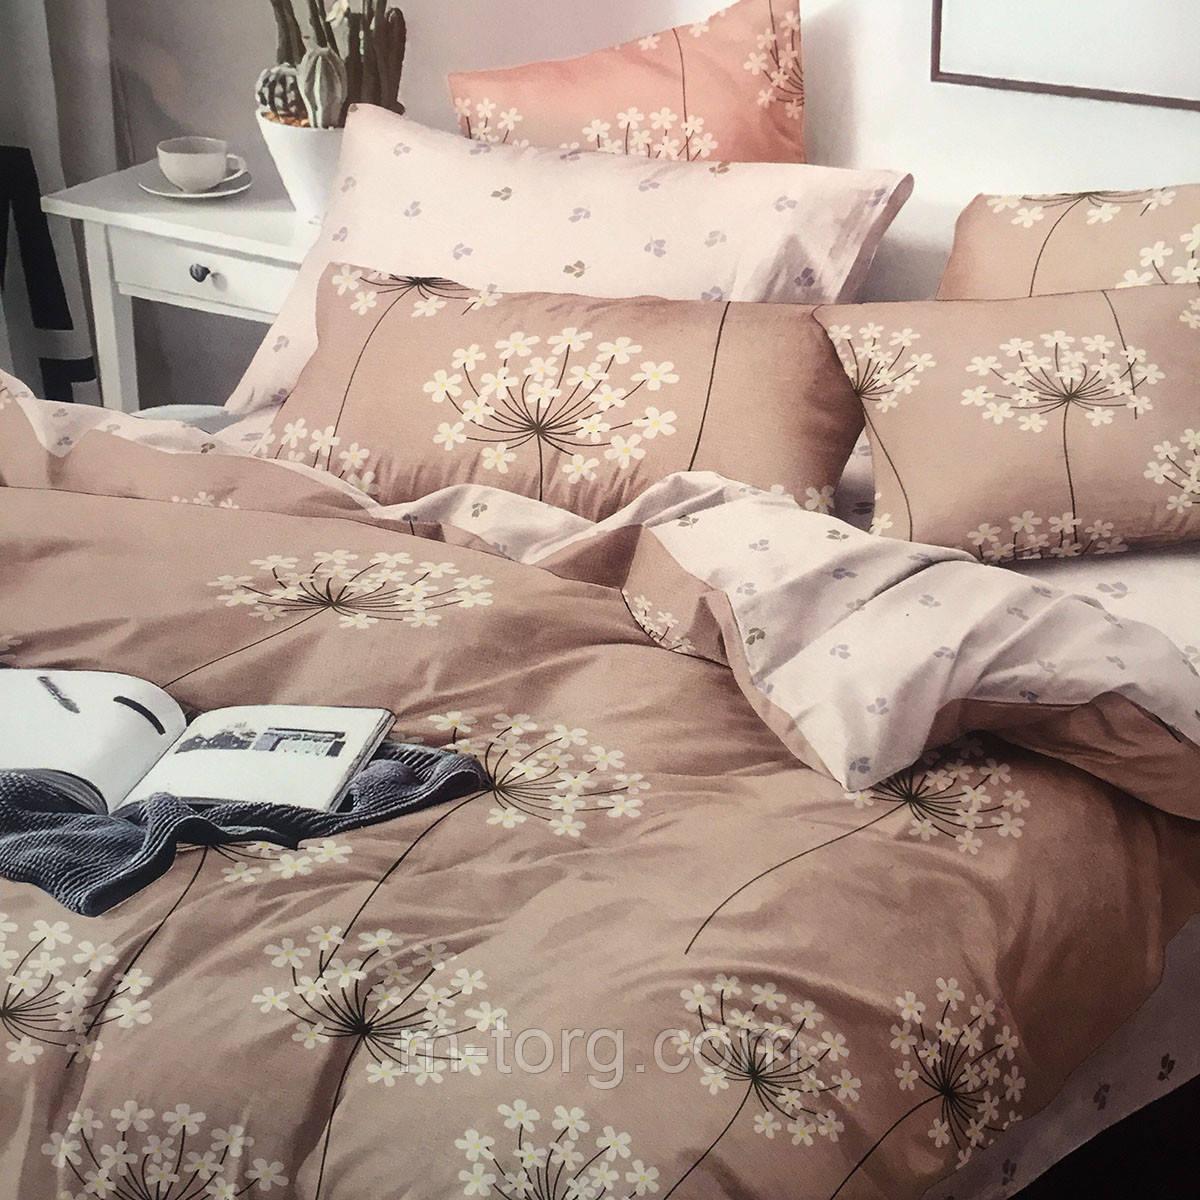 Комплект постельного белья евро размер 200/220,простынь 220/240,нав-ки 70/70,ткань поплин 100% хлопок